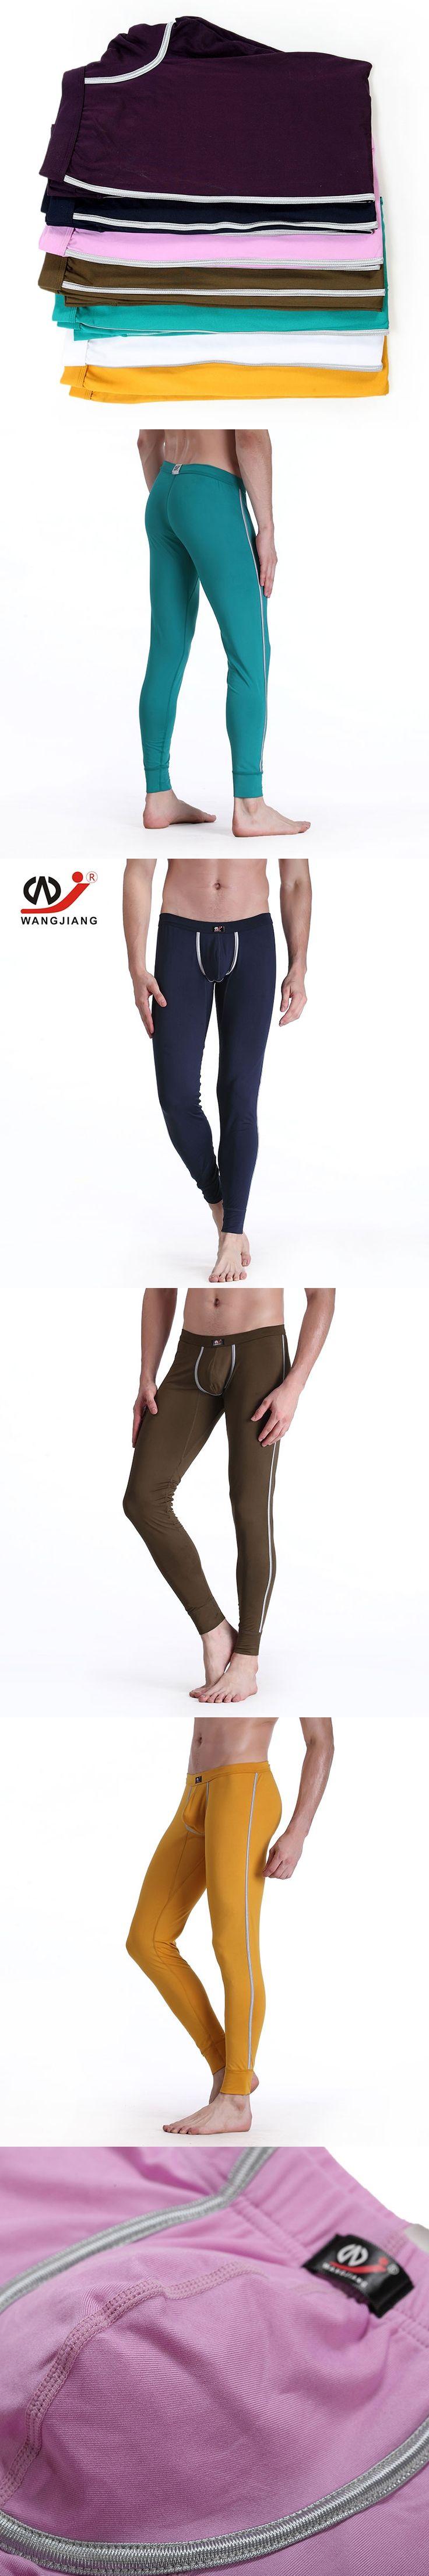 WJ Mens Compression Pants Joggers Pantalon Homme Compression Clothing Sweat Pants Cotton Leggings Men Compression Pants